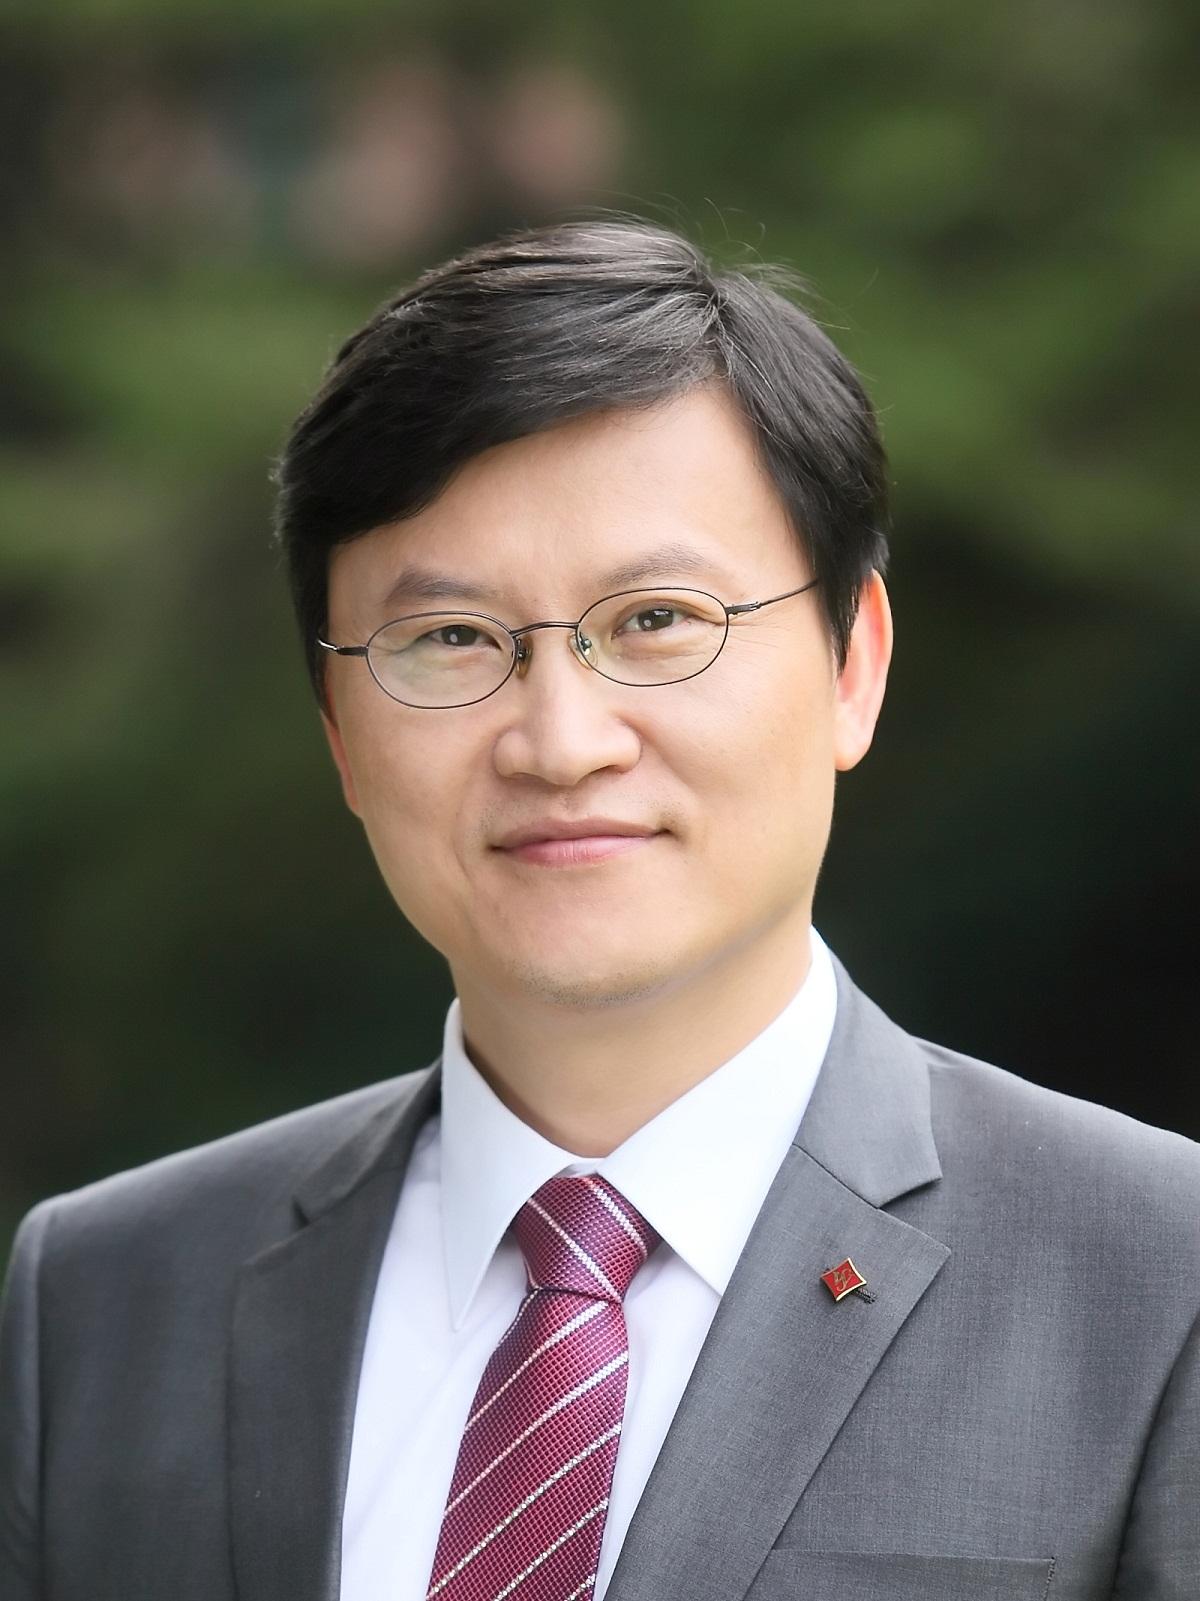 김명주 교수 교수